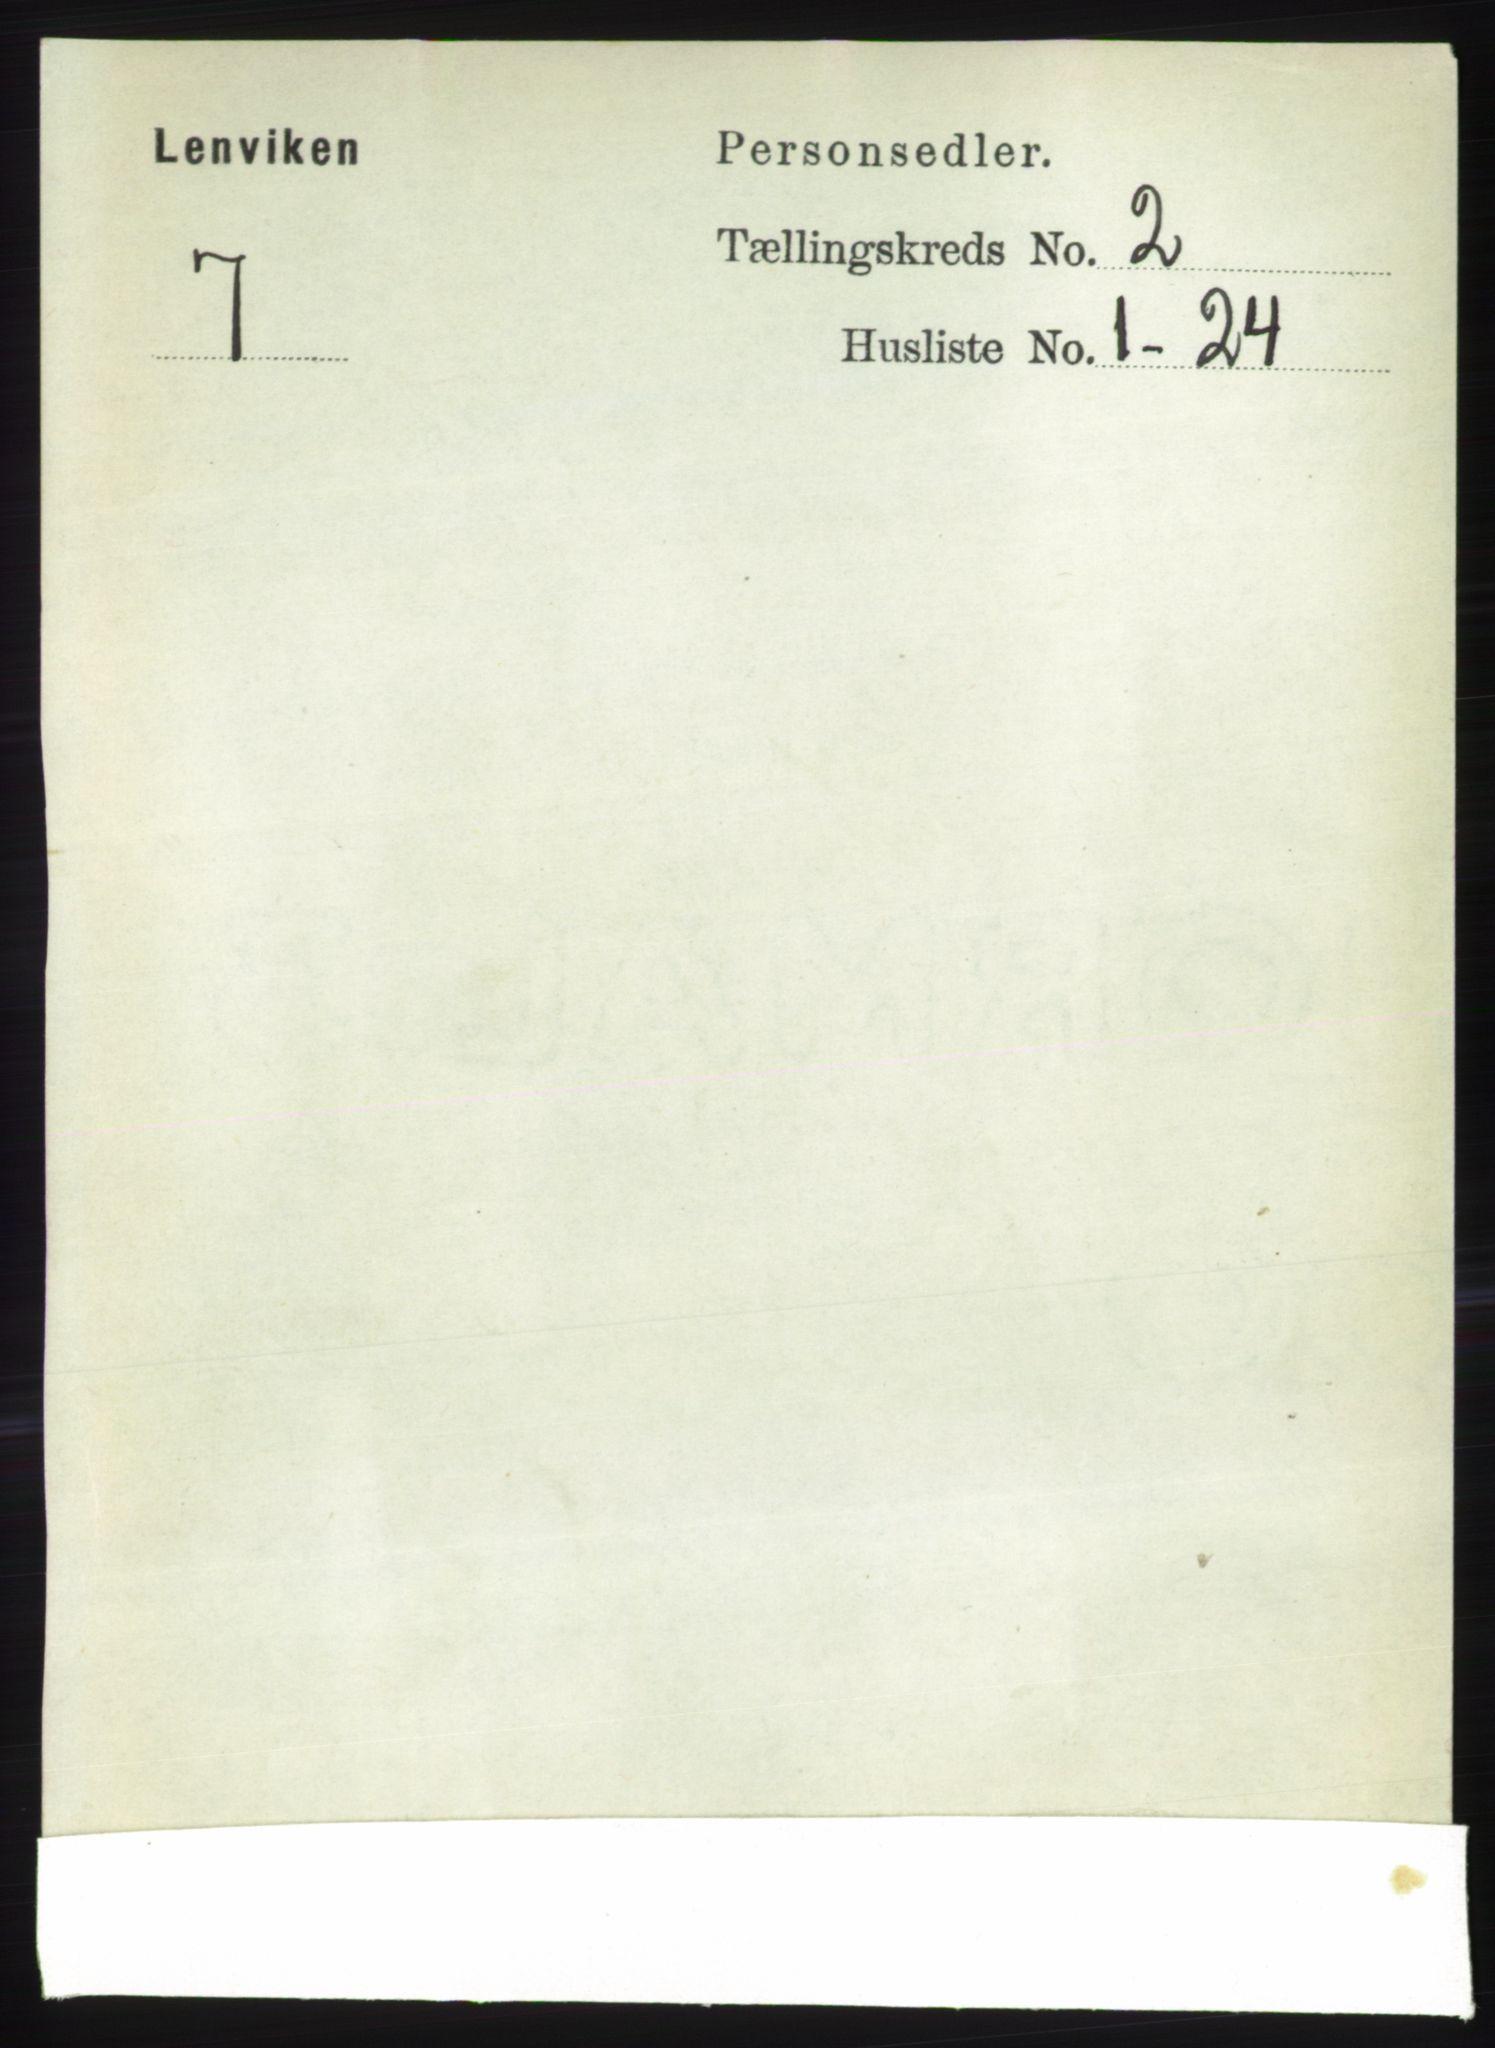 RA, Folketelling 1891 for 1931 Lenvik herred, 1891, s. 777